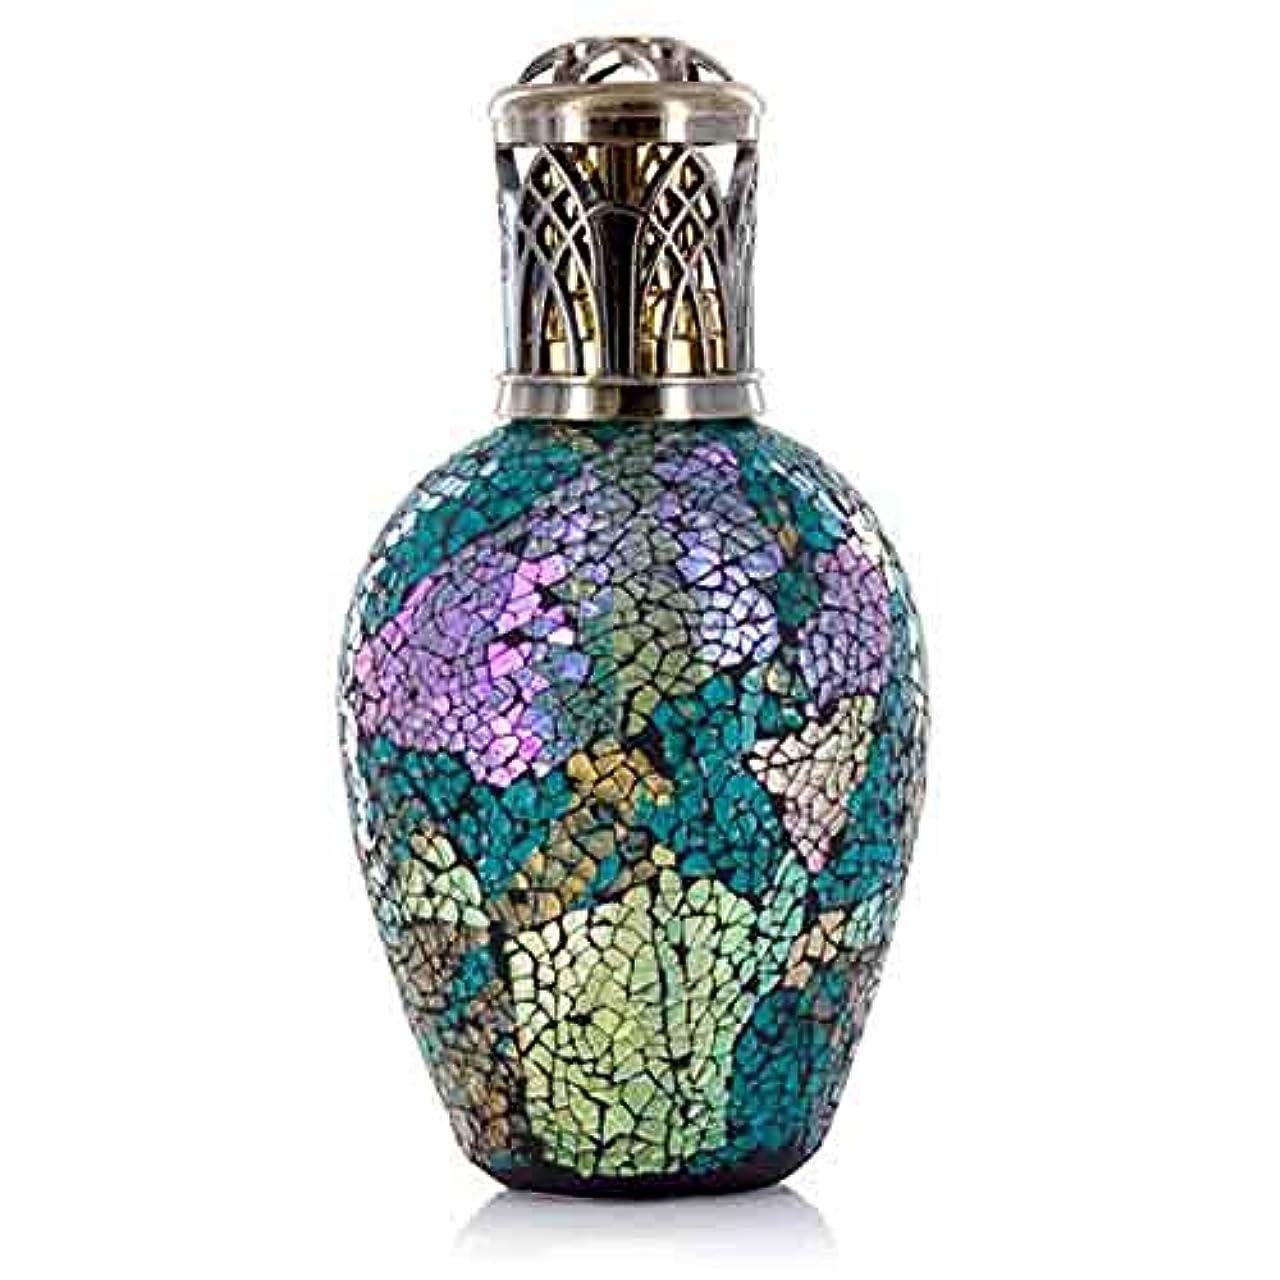 Ashleigh&Burwood フレグランスランプ L ピーコックテイル FragranceLamps PeacockTail アシュレイ&バーウッド